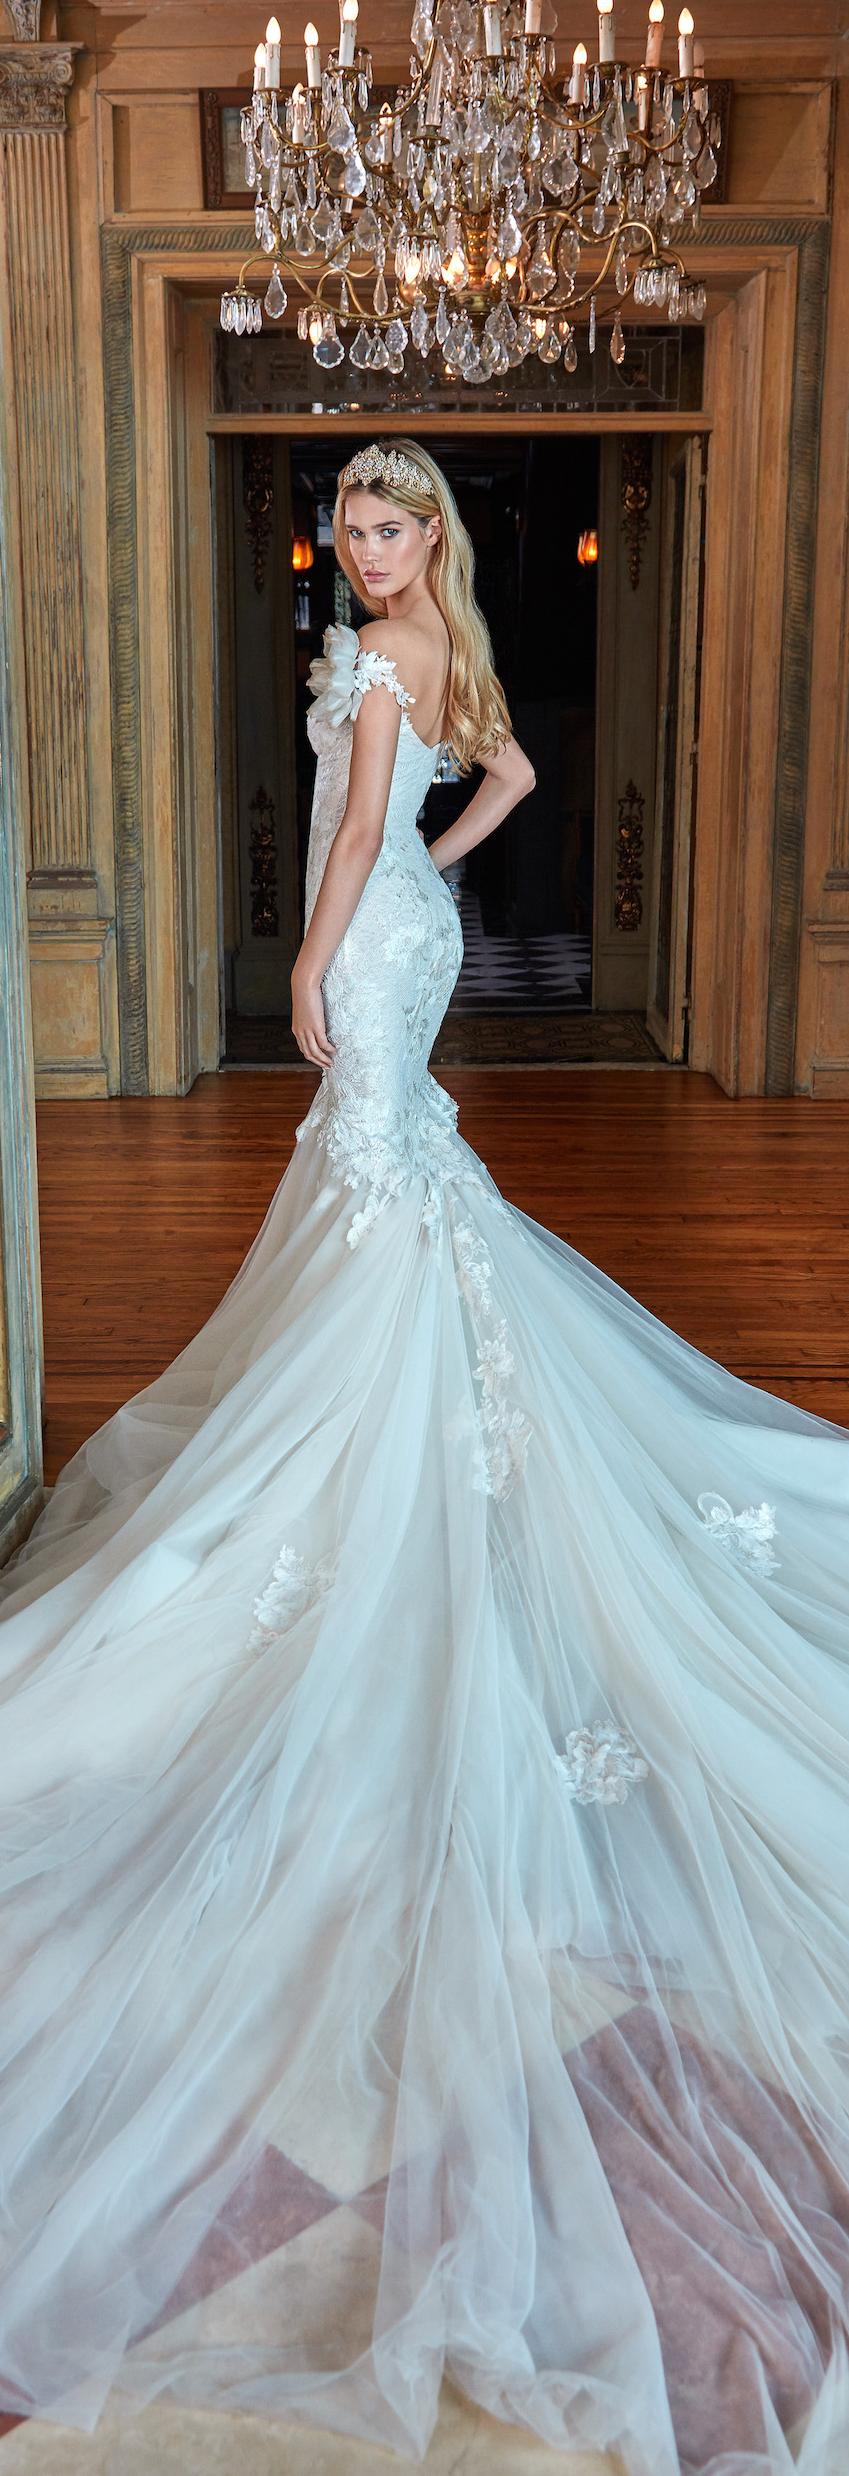 galia lahav | MON MARIAGE | Pinterest | Novios, Vestidos de novia y ...